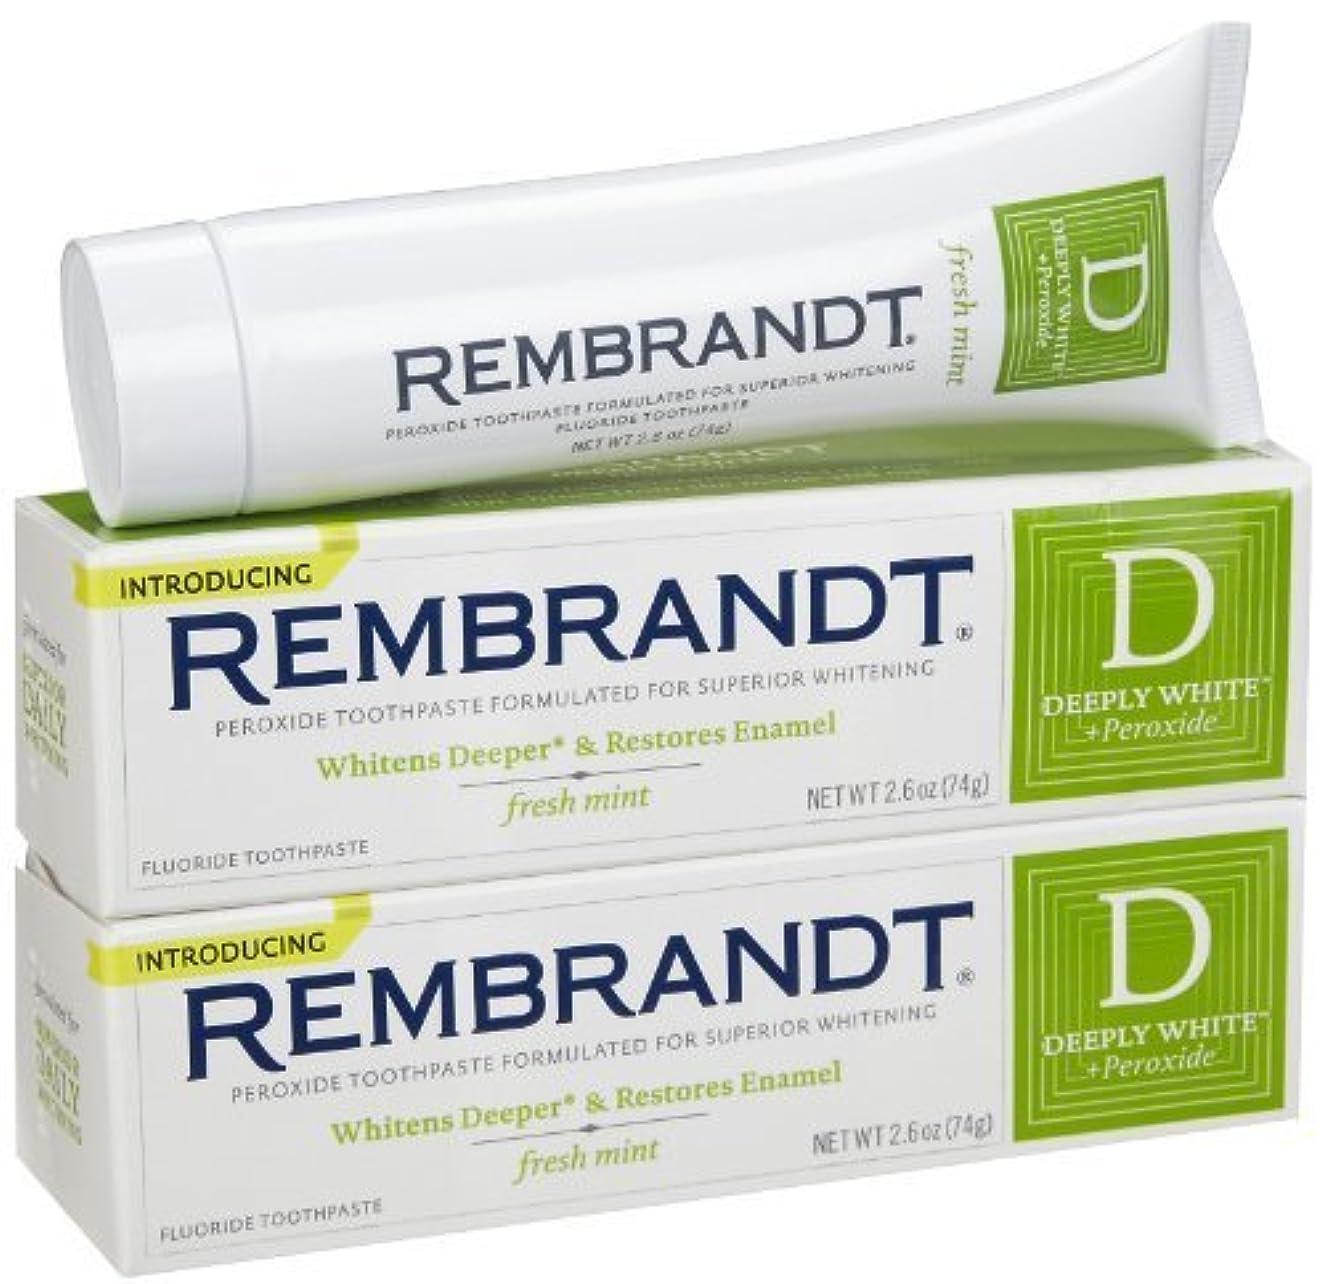 うがい証人永続Rembrandt Fluoride Toothpaste, Mint - 2.6 oz - 2 pk [並行輸入品]